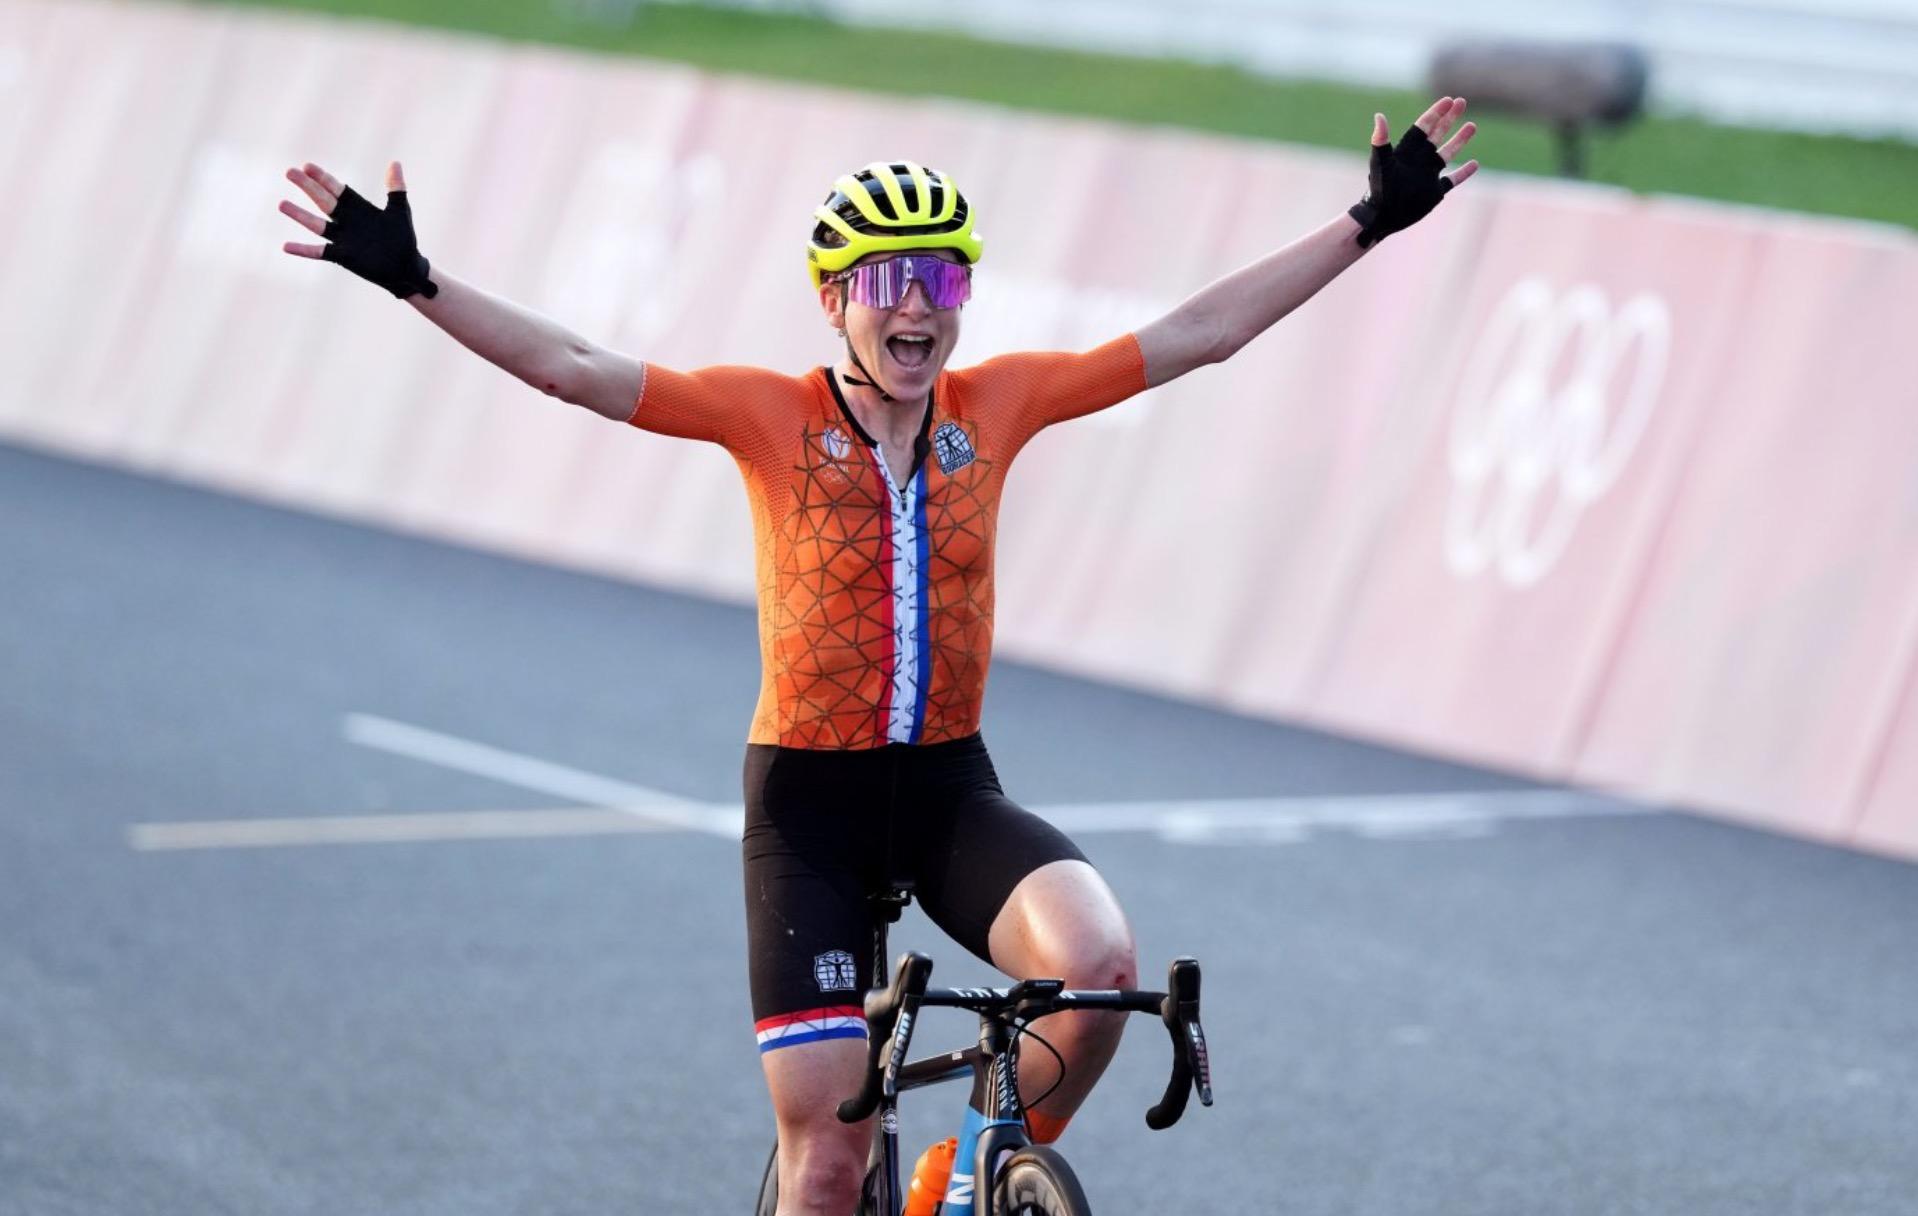 """Ολλανδή ποδηλάτισσα πανηγύρισε για το χρυσό στους Ολυμπιακούς, αλλά τελικά είχε τερματίσει δεύτερη – """"Νόμιζα είχα κερδίσει. Έκανα λάθος"""""""